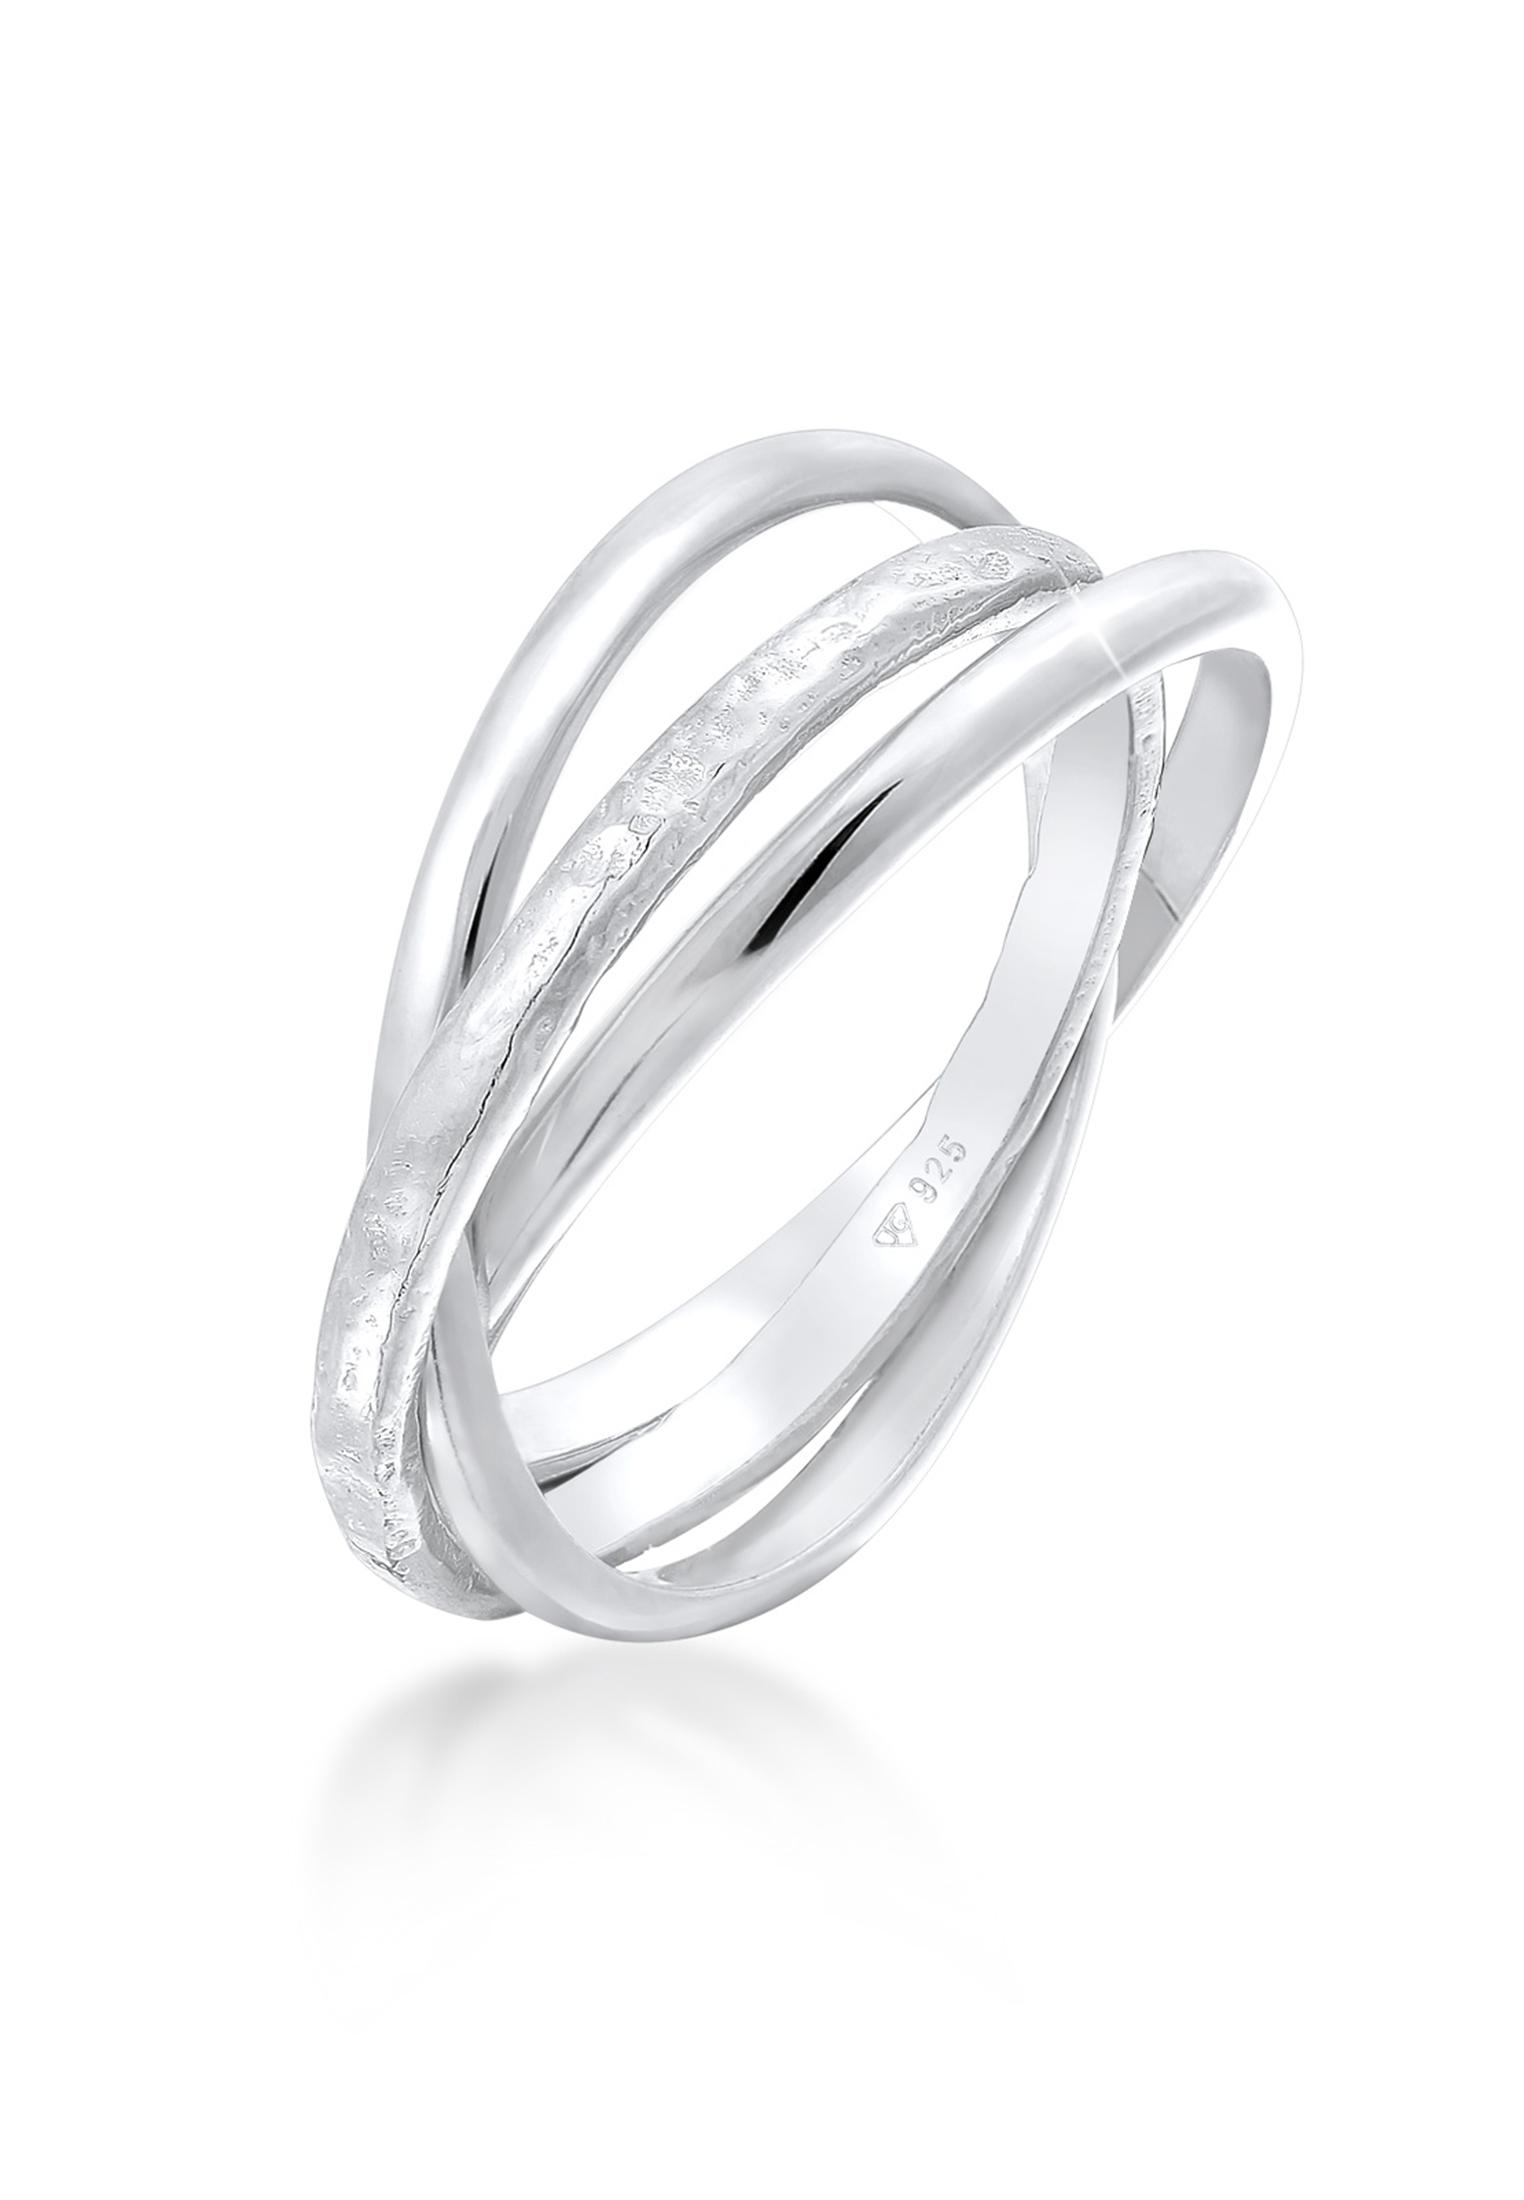 Wickelring strukturiert & glänzend | 925er Sterling Silber